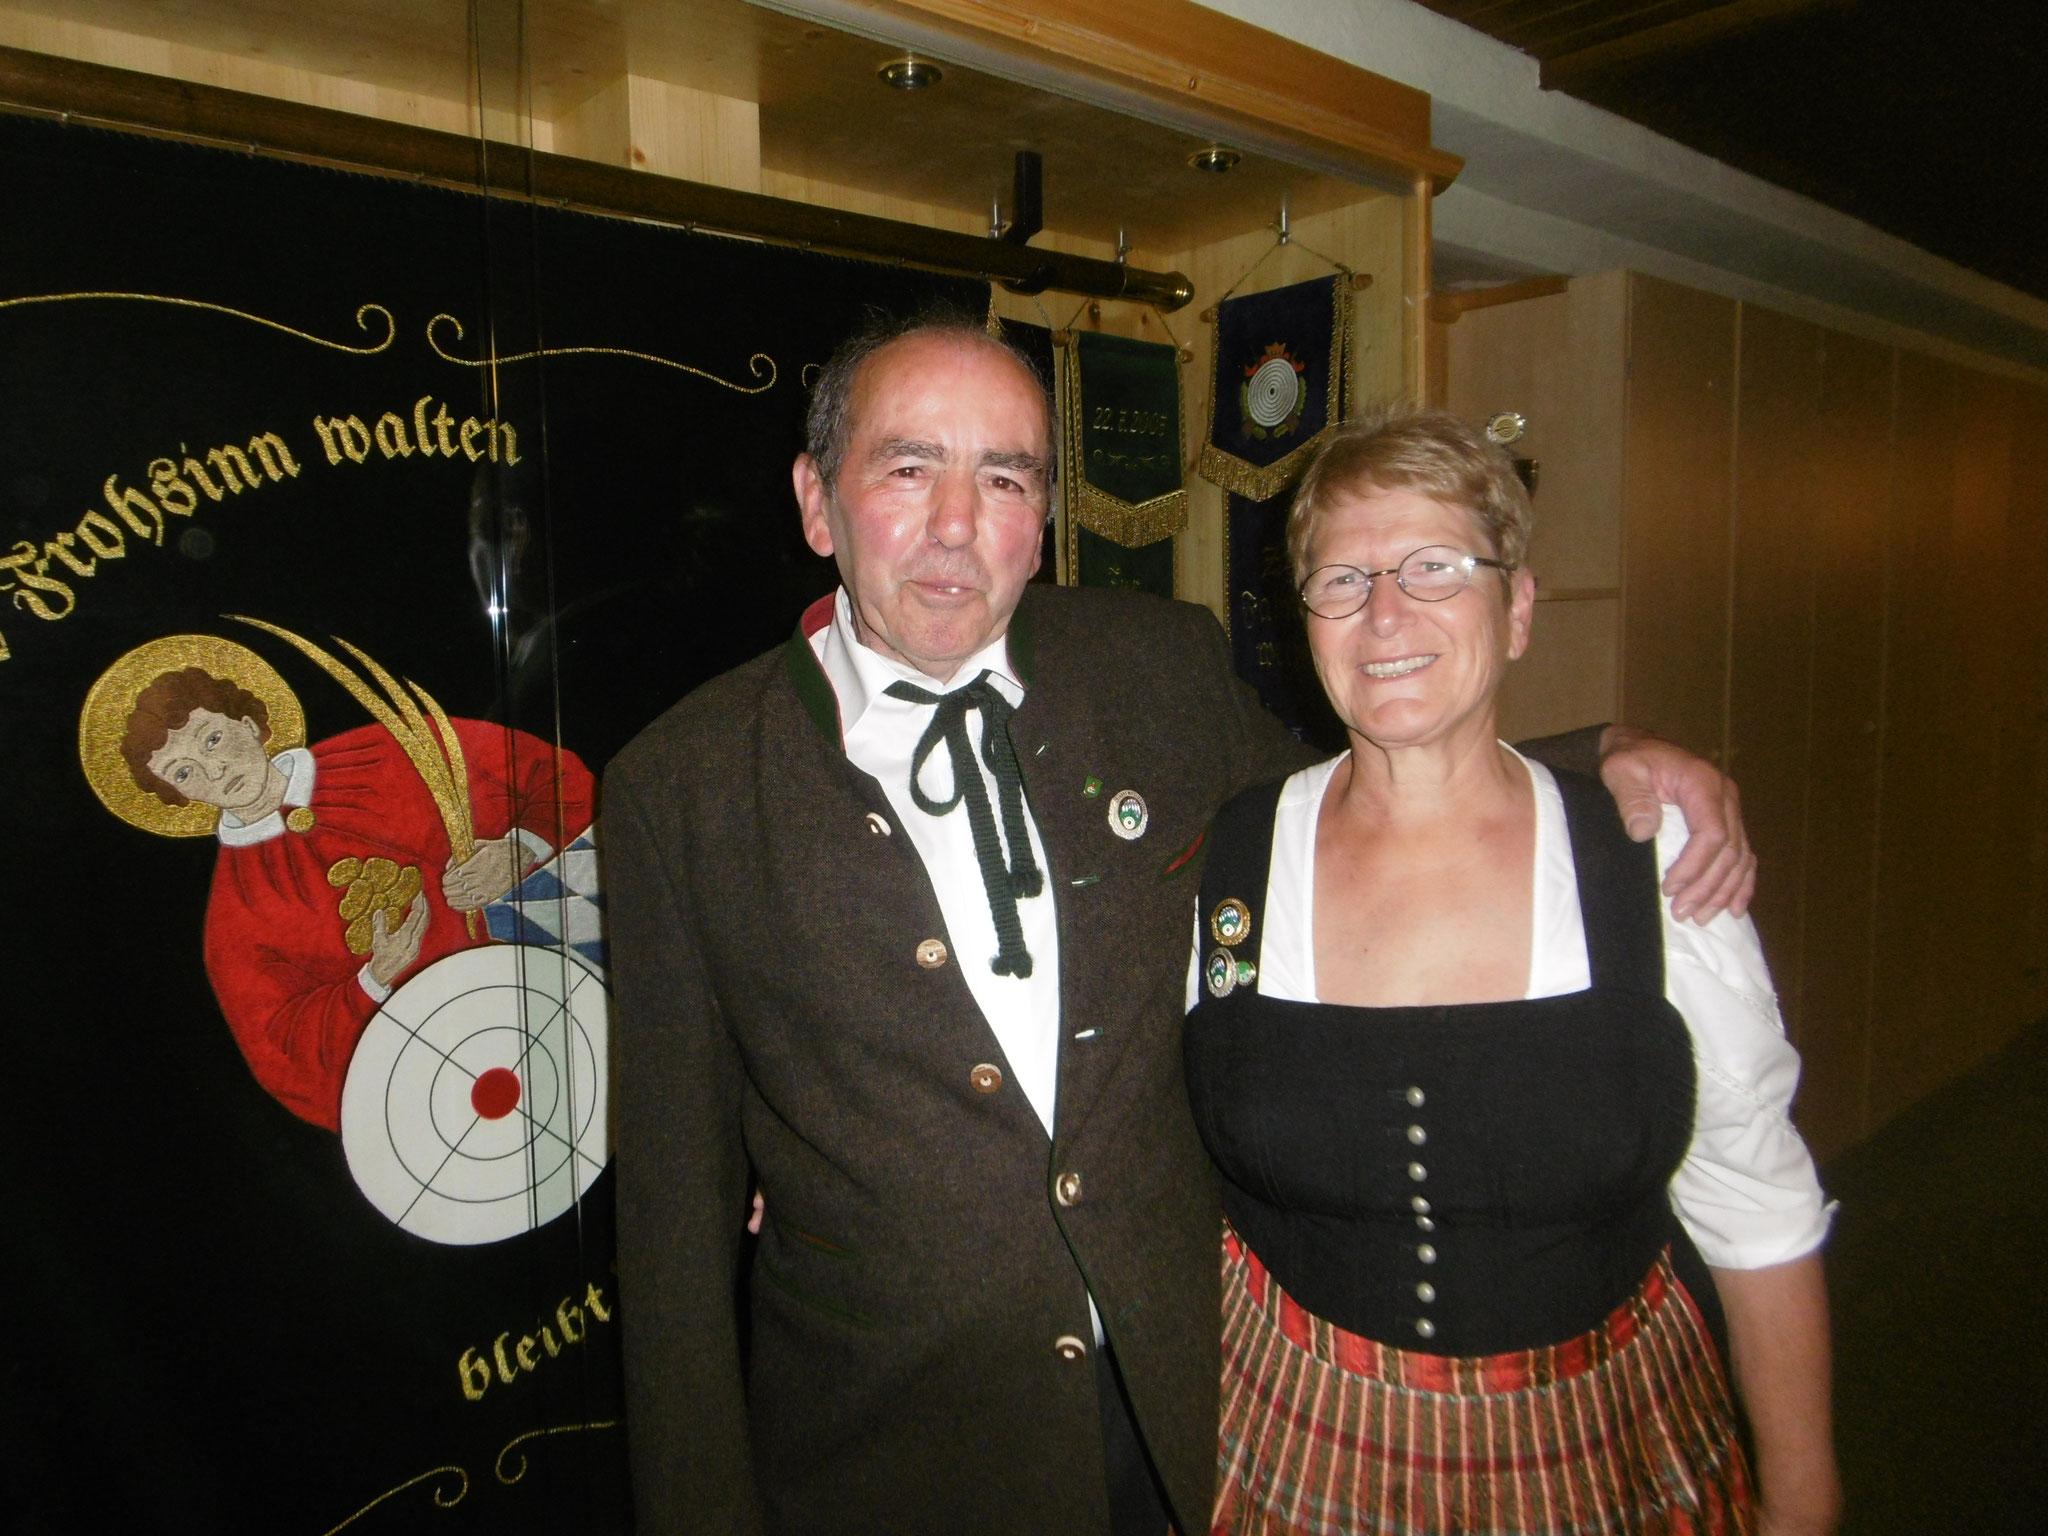 Preise-Einkäufer: Josef & Gertraut Passler